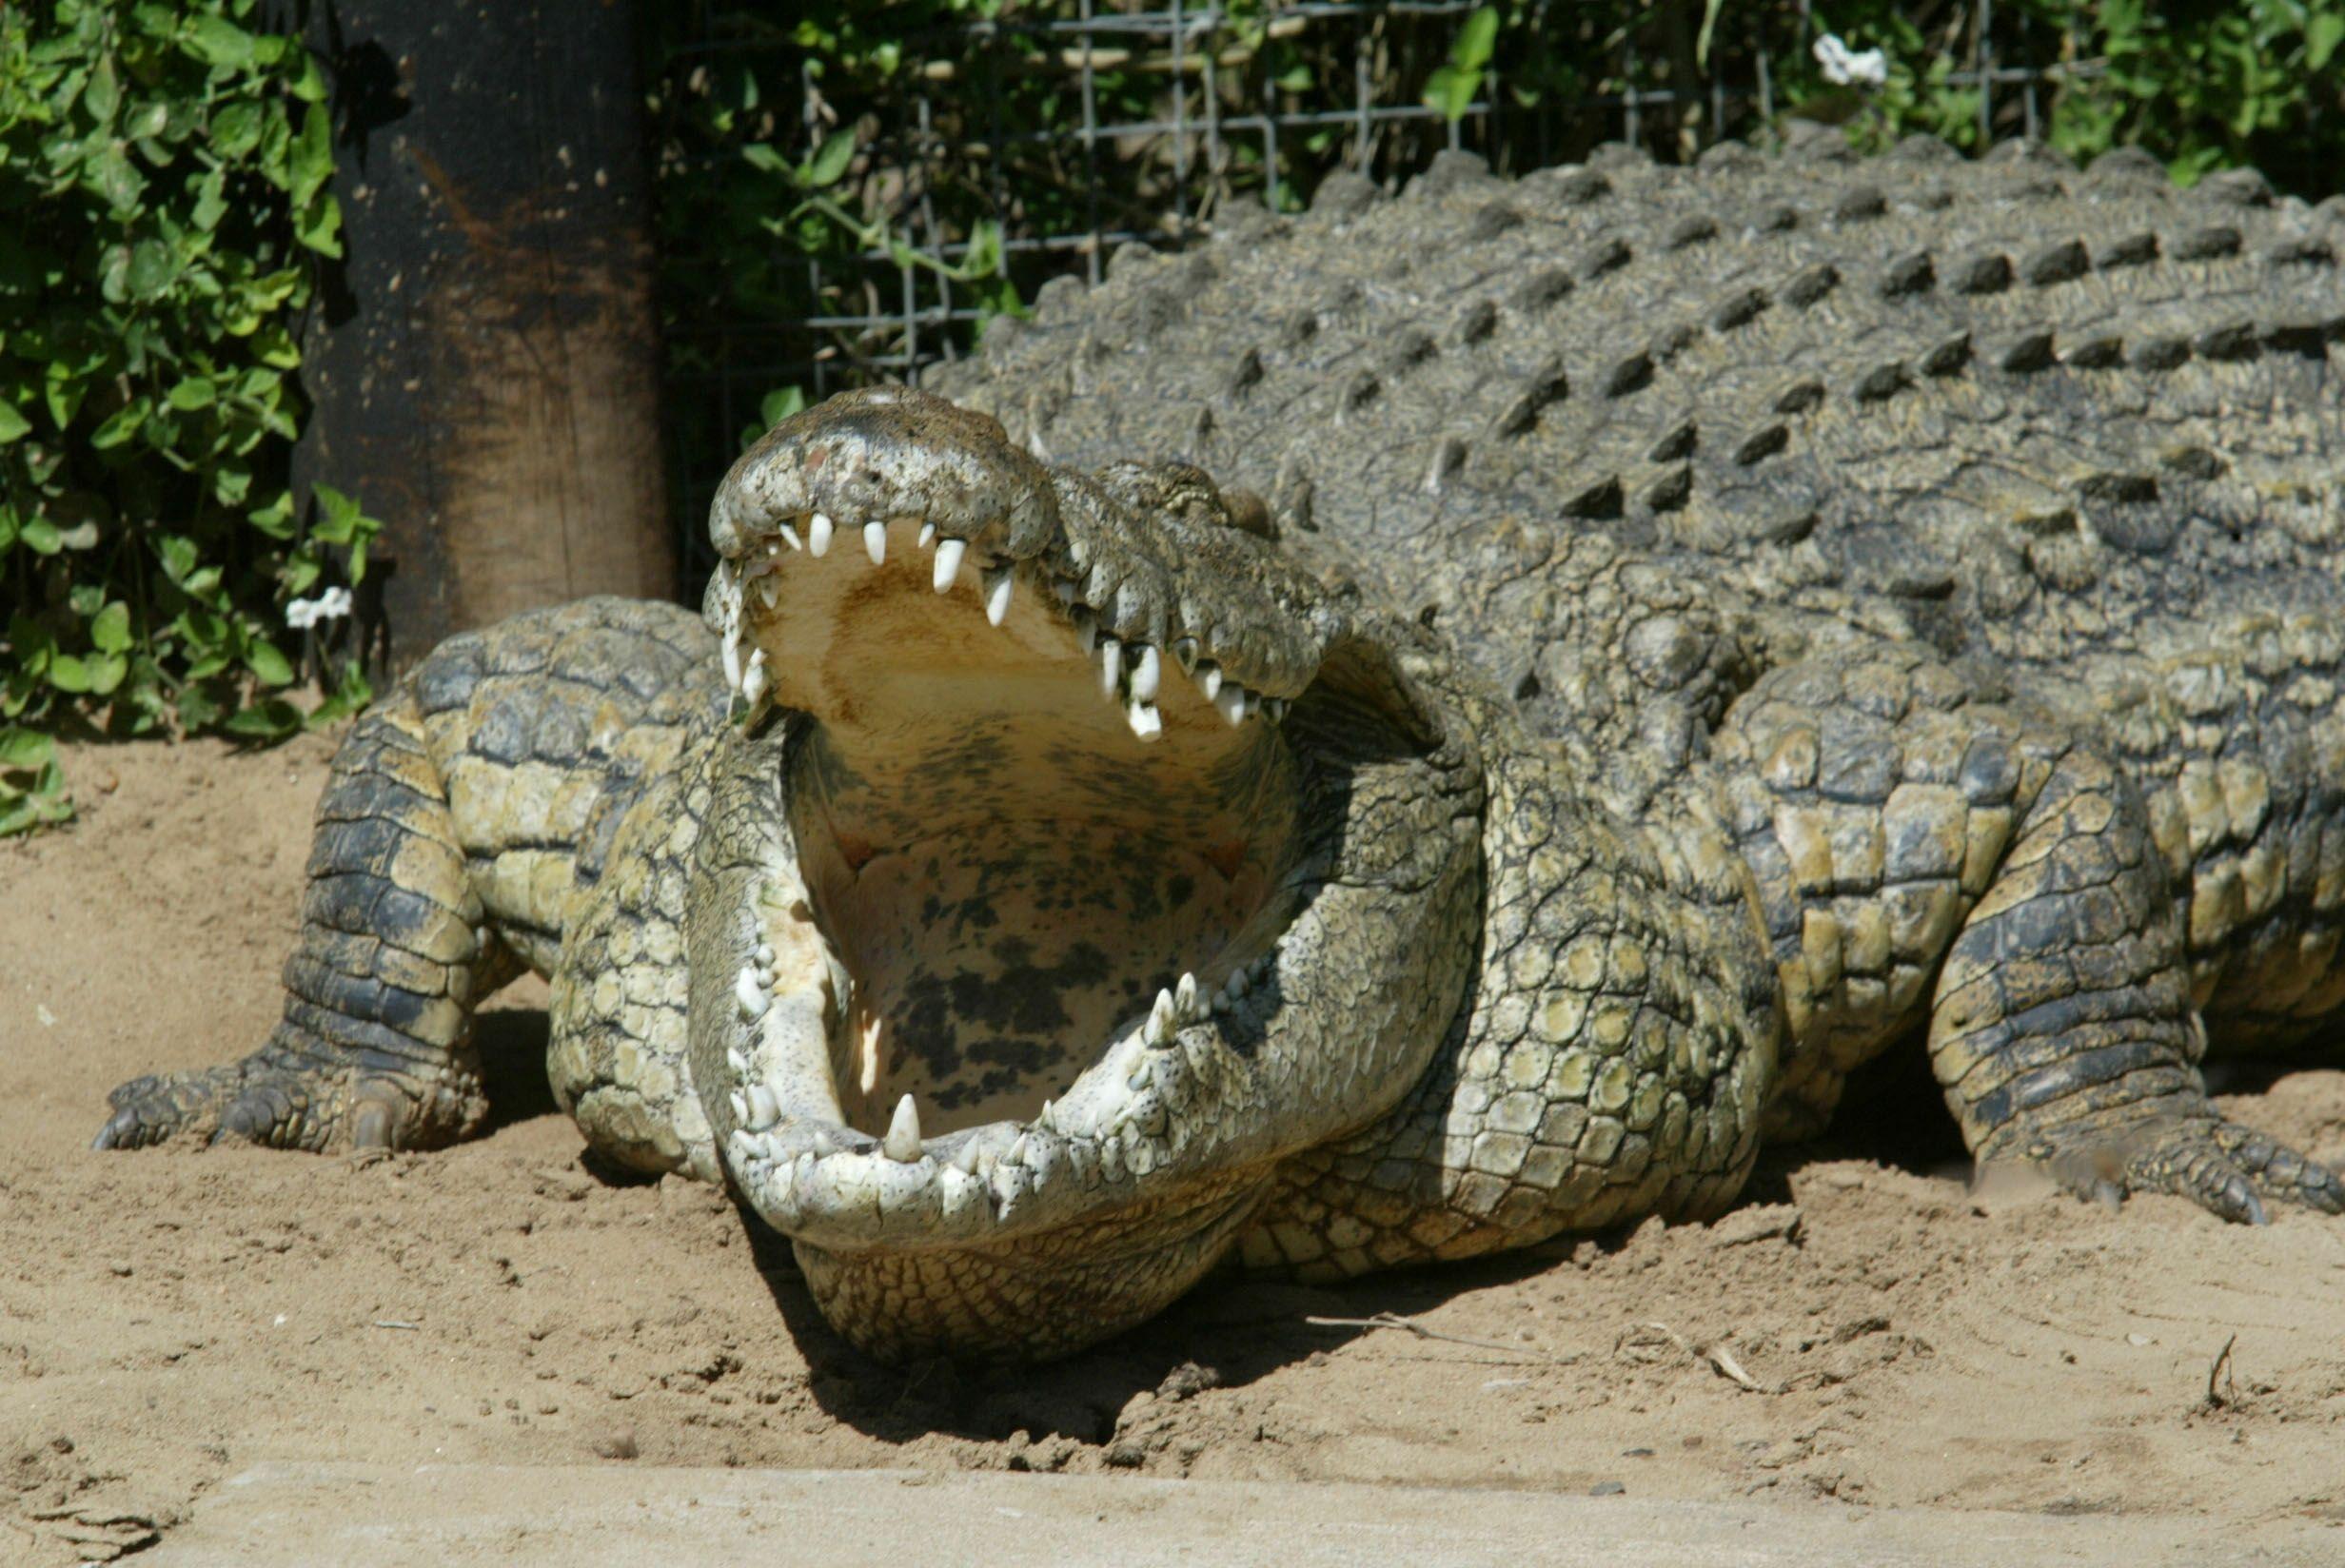 05_25_Nile_crocodile_Florida